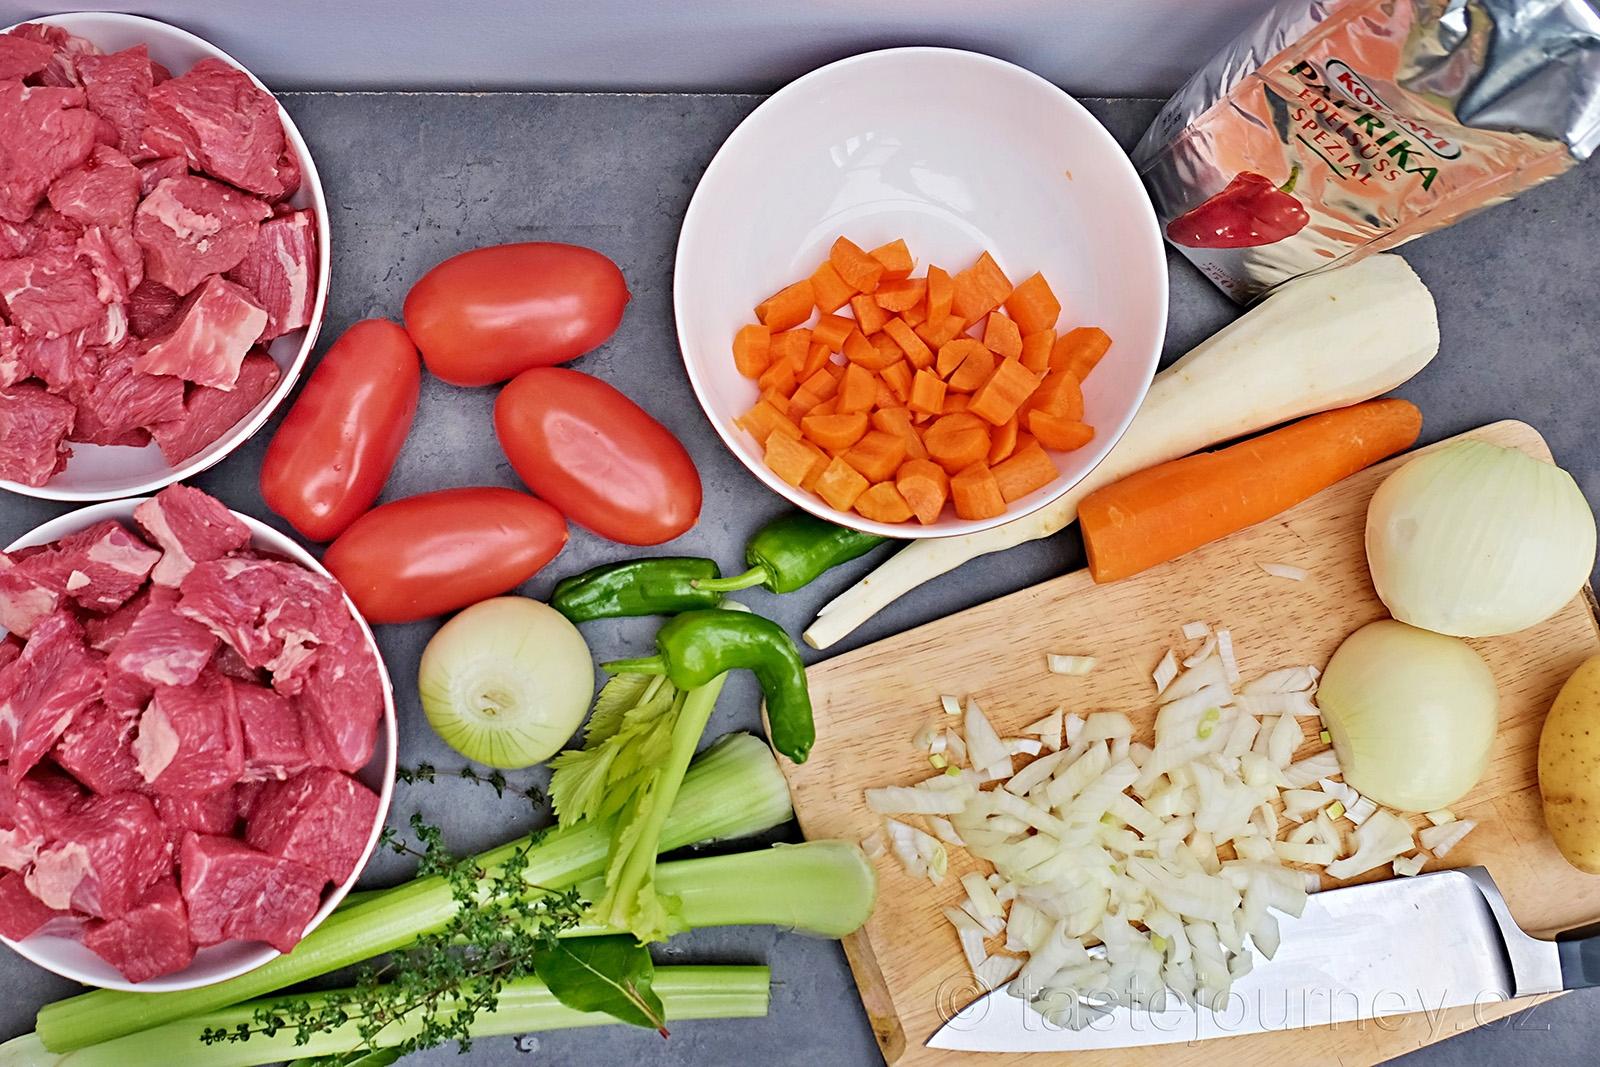 Zelenina a maďarská sladká paprika patří do guláše